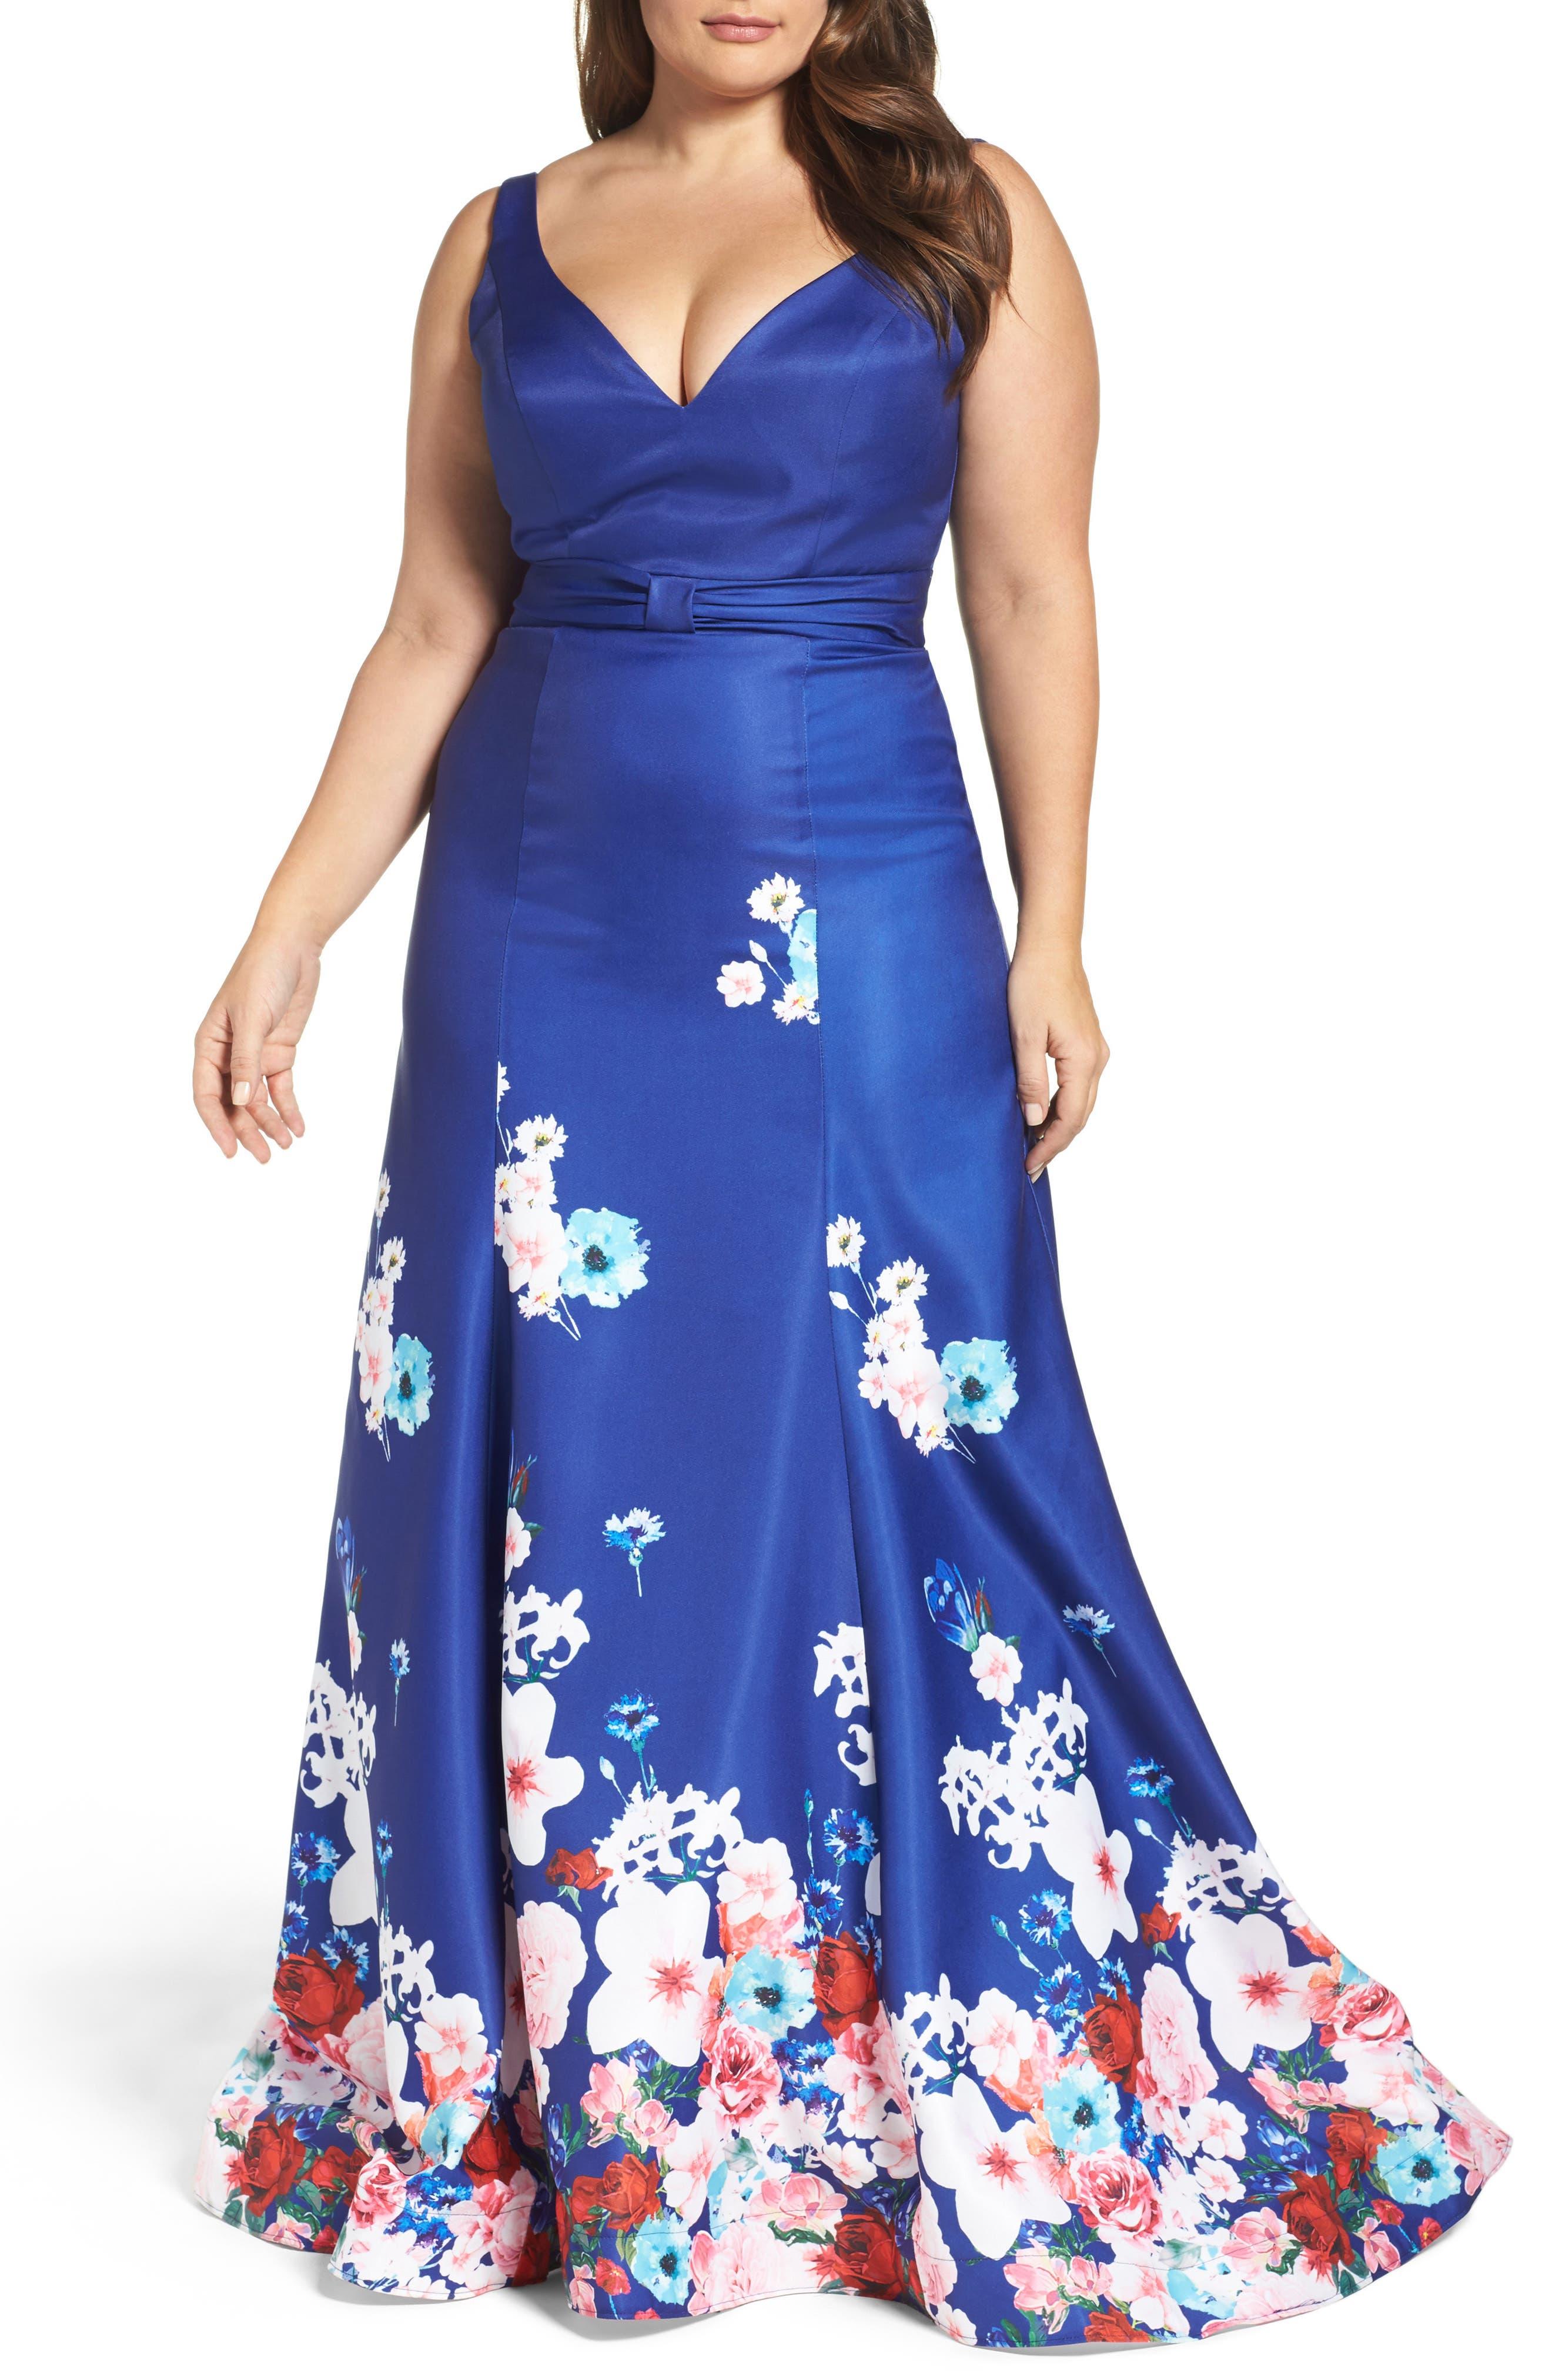 Floral A-Line Ballgown,                         Main,                         color, 400